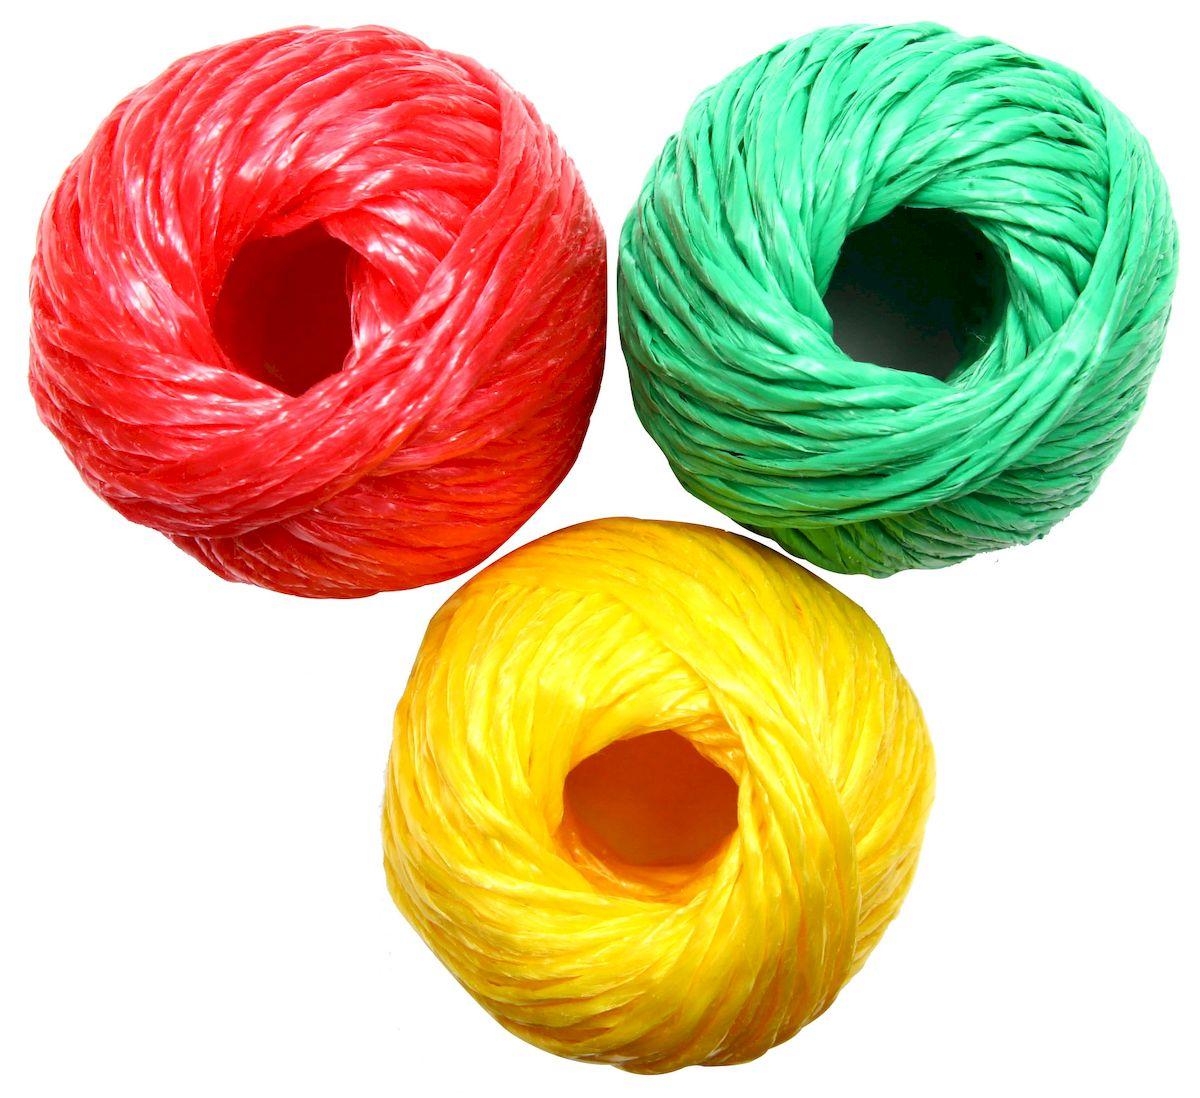 Шпагат Proffi Светофор, 1100 текс 3х30 м, цвет: красный, зеленый, желтый09840-20.000.00Набор из трех цветов: красный, желтый и зеленый. Незаменимый помощник в быту в качестве обвязочного материала и для подвязывания различных с/х культур. Шпагат полипропиленовыйобладает большой стойкостью к многоразовым изгибам, устойчивостью к истиранию, на него не влияют органические растворители, невосприимчив к воздействию горячей воды и щелочей, отличный диэлектрик, обладает хорошими теплоизоляционными свойствами. Шпагат полипропиленовый устойчив к воздействию перепадов температур, не подвержен гниению. Шпагат из полипропилена является экологически чистым видом упаковки.